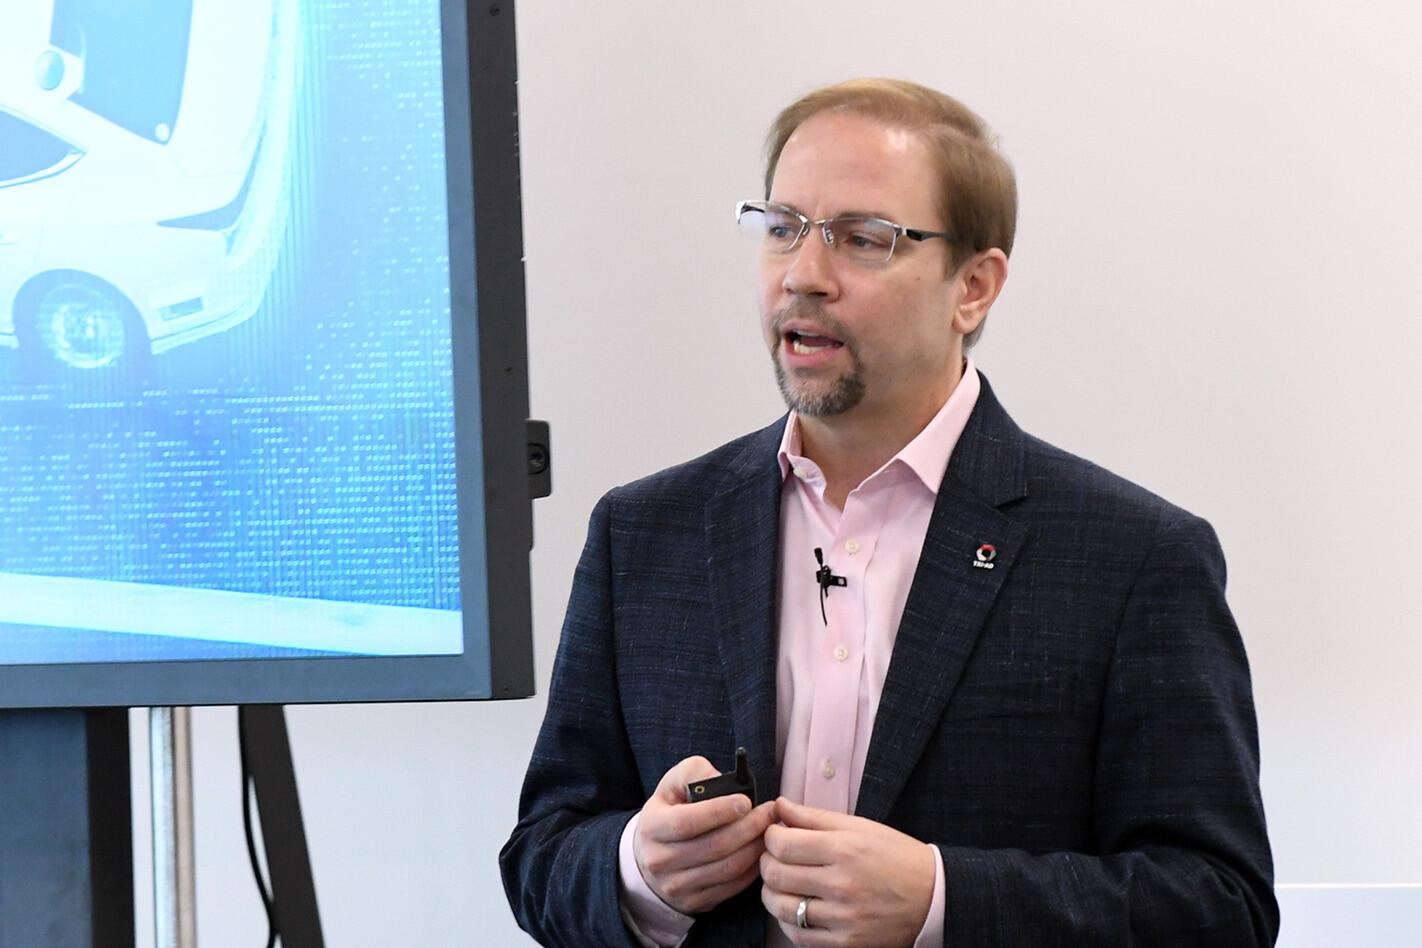 Dr James Kuffner, TRI-AD